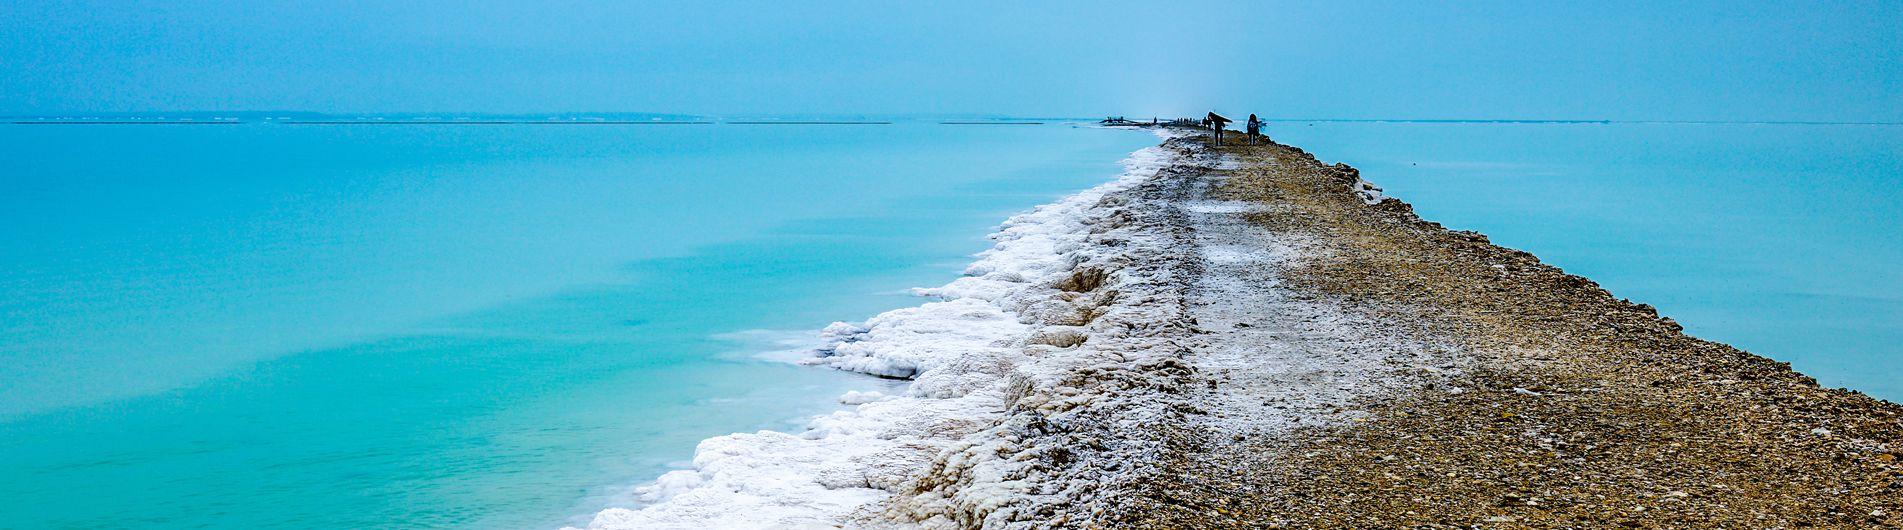 Dead Sea, Israel Holidays